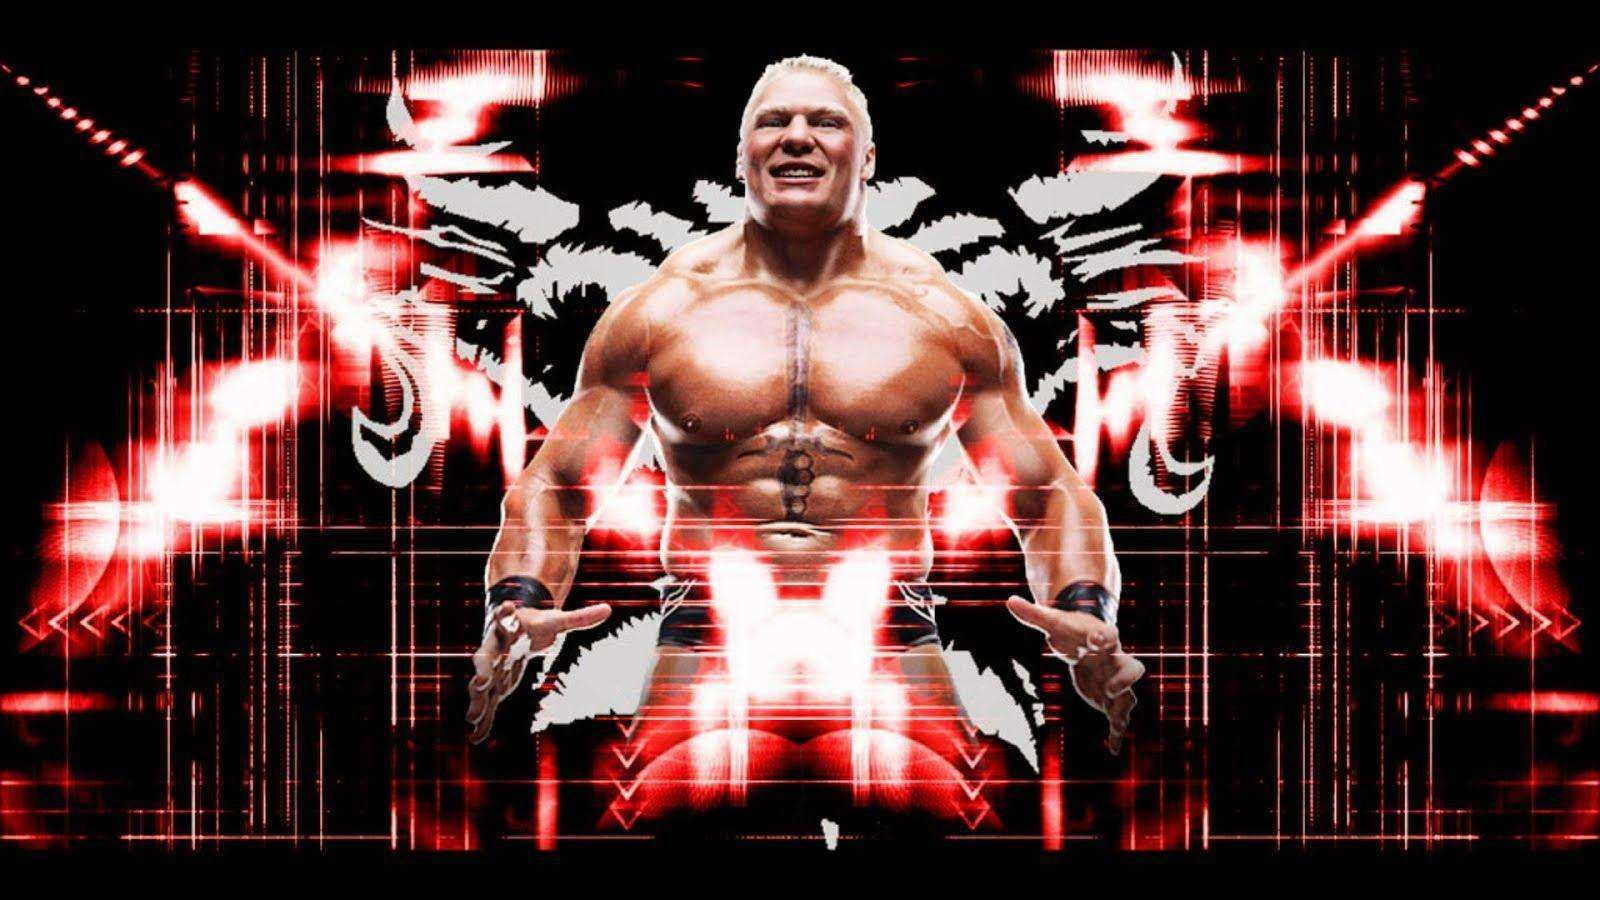 Brock Lesnar Wwe Images Hd 1080p Wallpaper Hd Brock Lesnar Wwe Photos Hd Brock Lesnar Wwe Wwe Brock Brock Lesnar